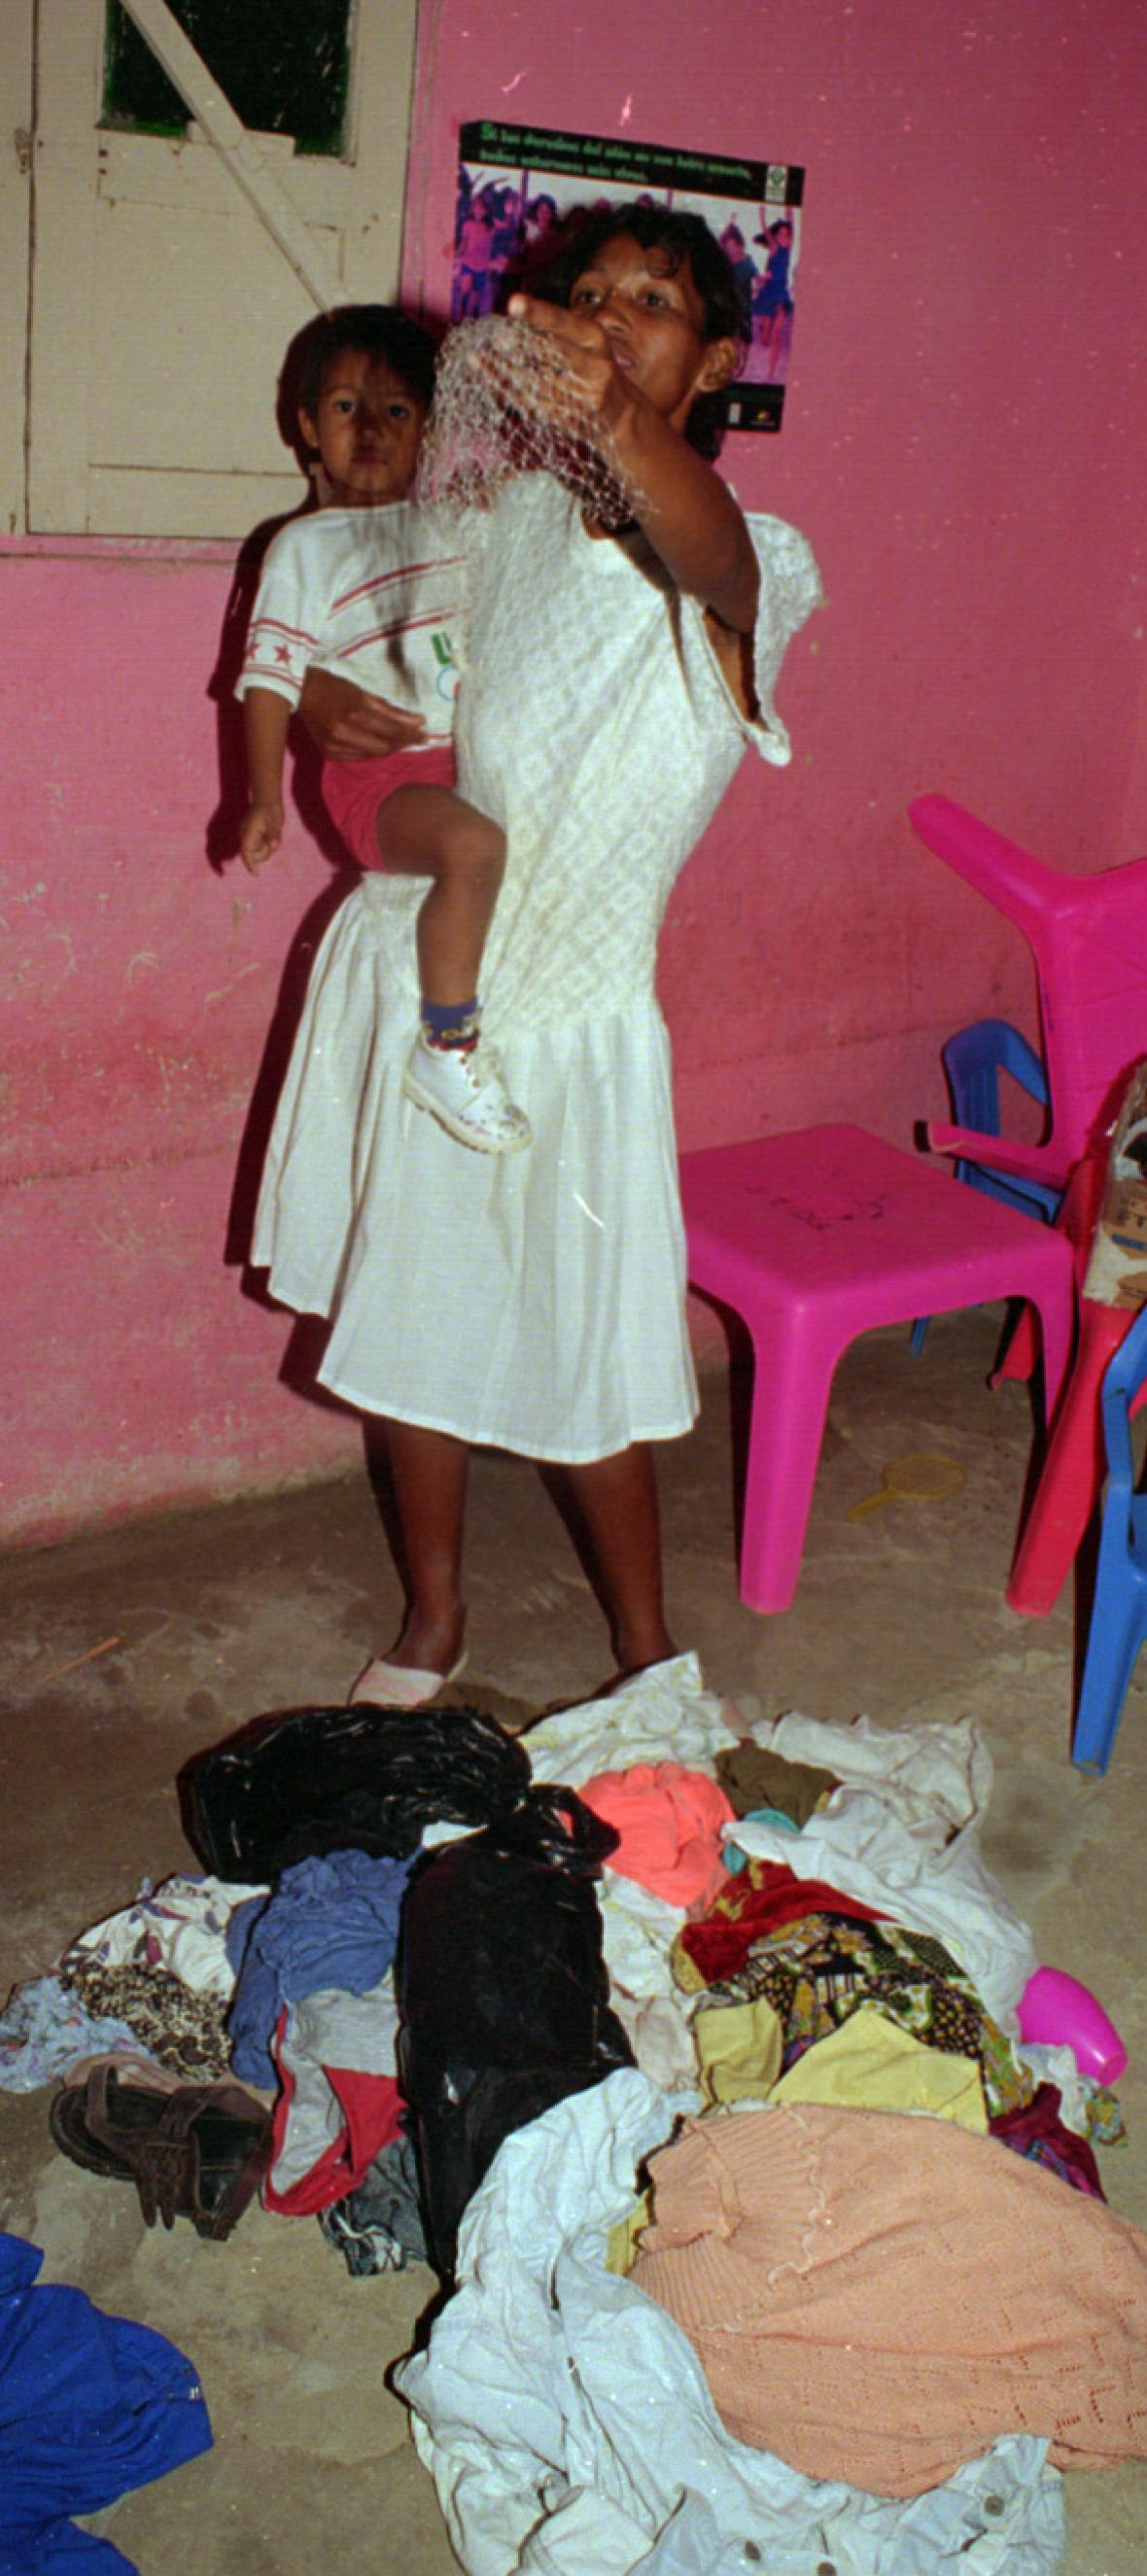 Una mujer muestra los trapos que le sacaron.